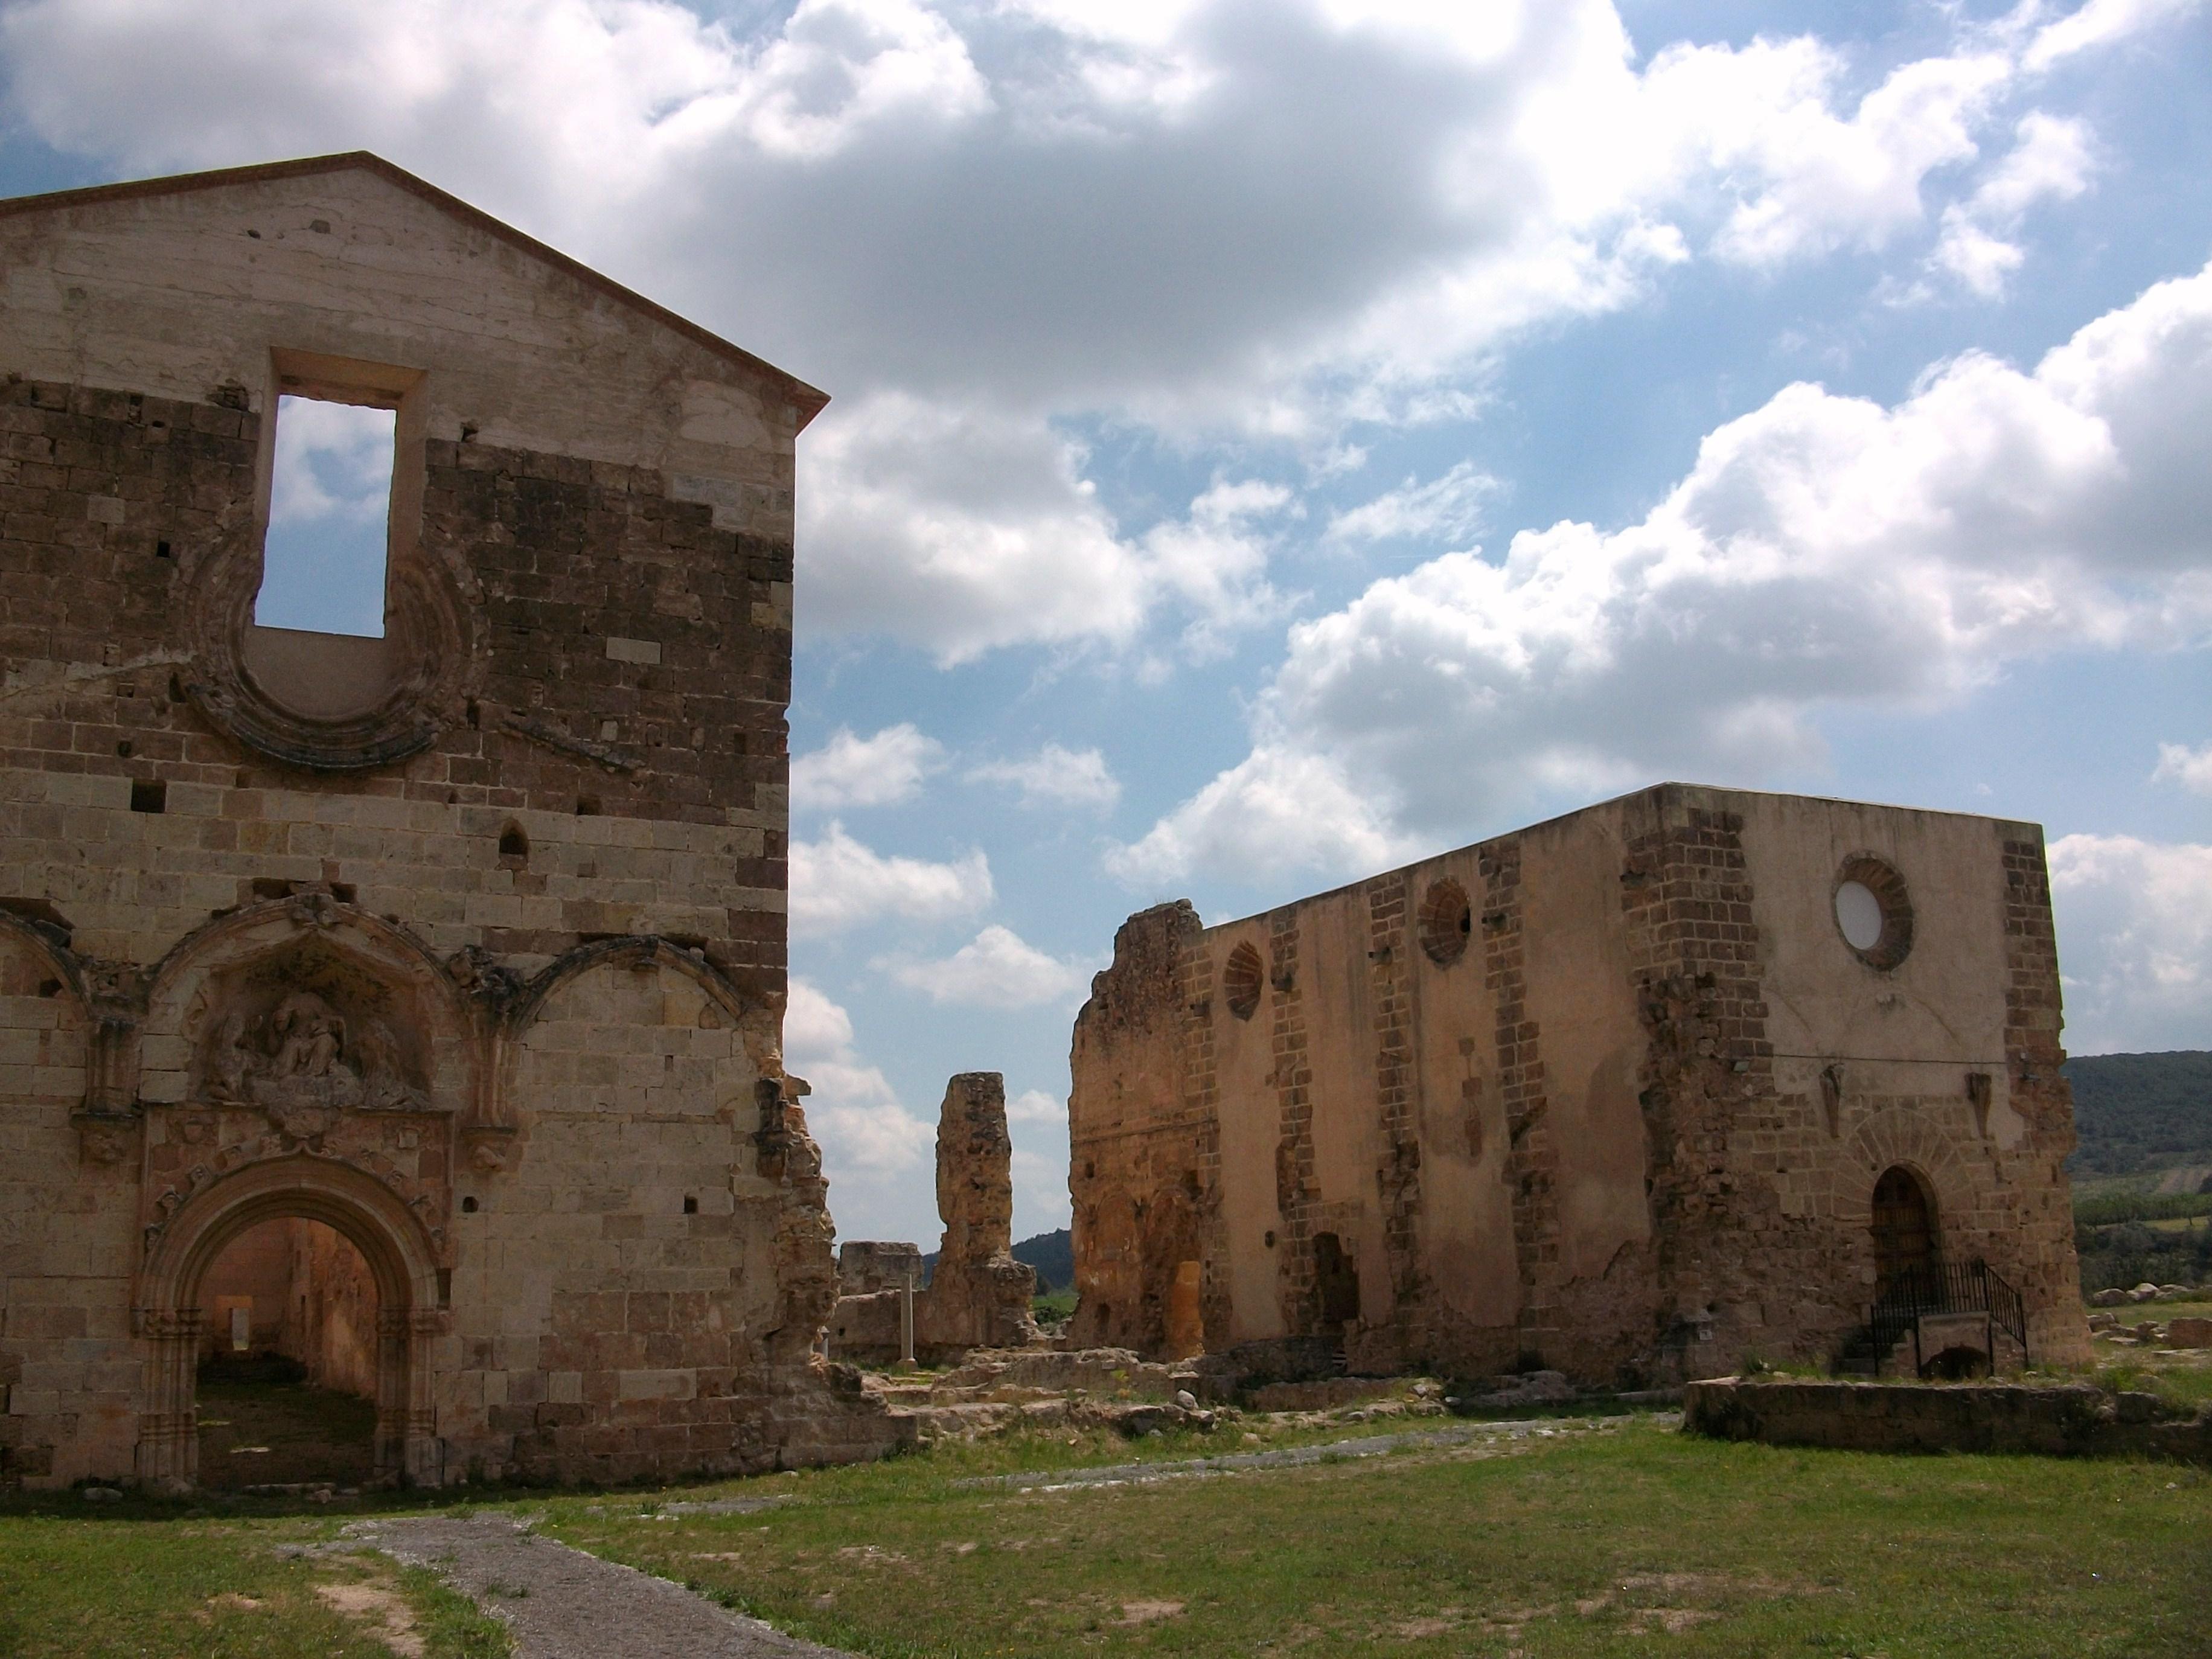 File:Església de la Mare de Déu dels Àngels i capella de Sant Martí, cartoixa...